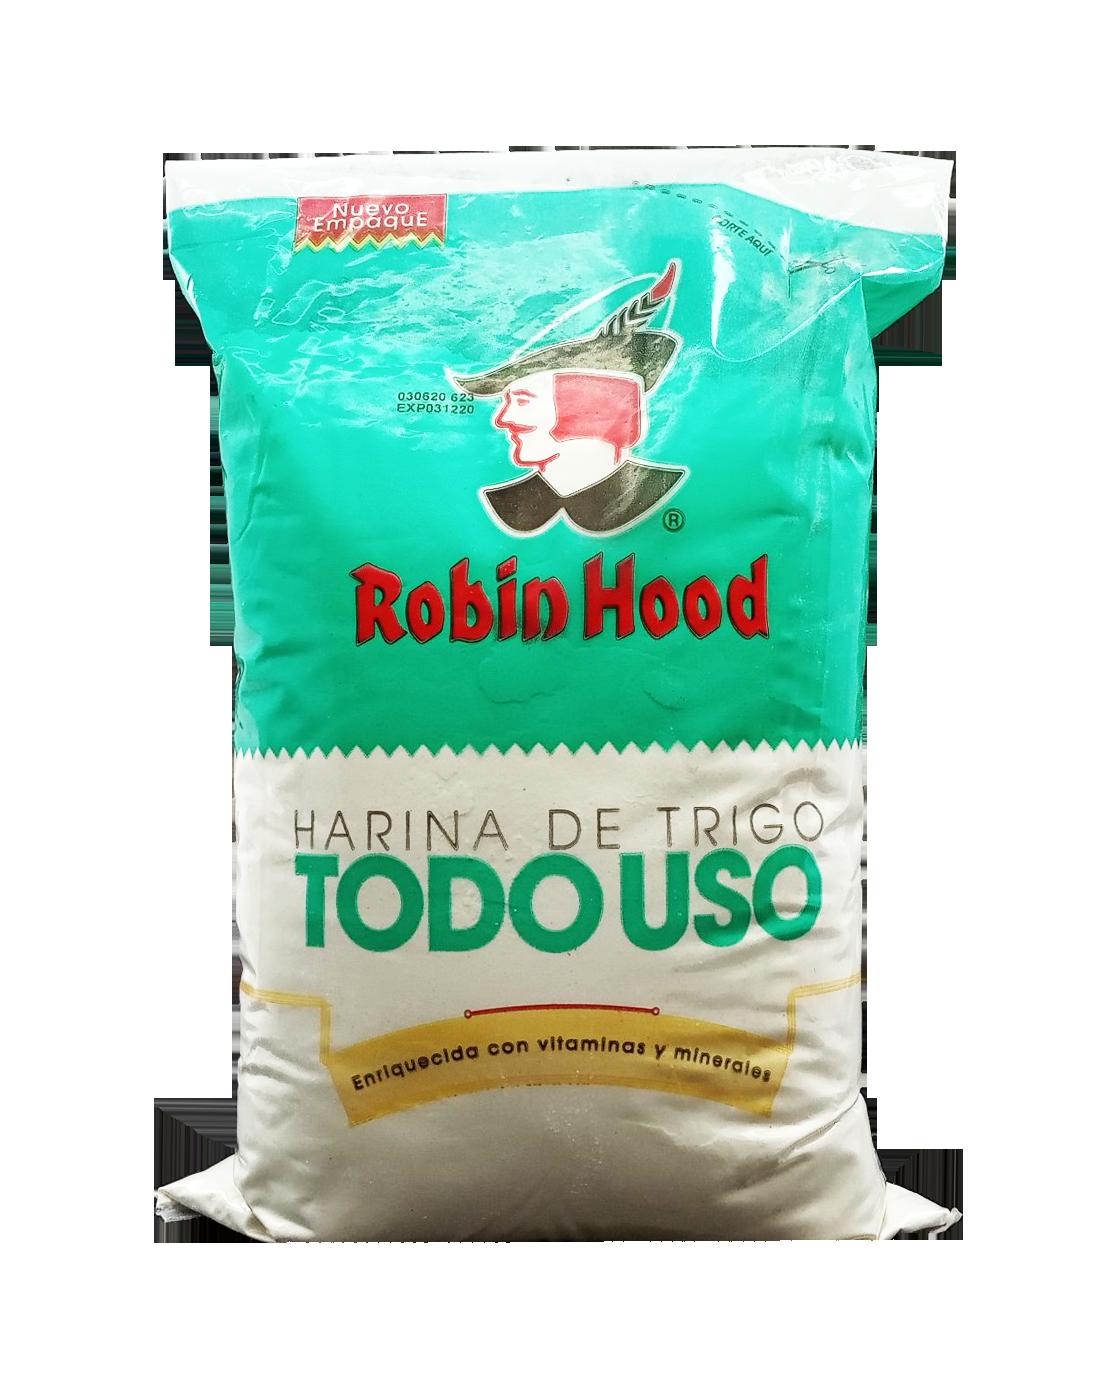 ROBIN HOOD HARINA TODO USO 1KG